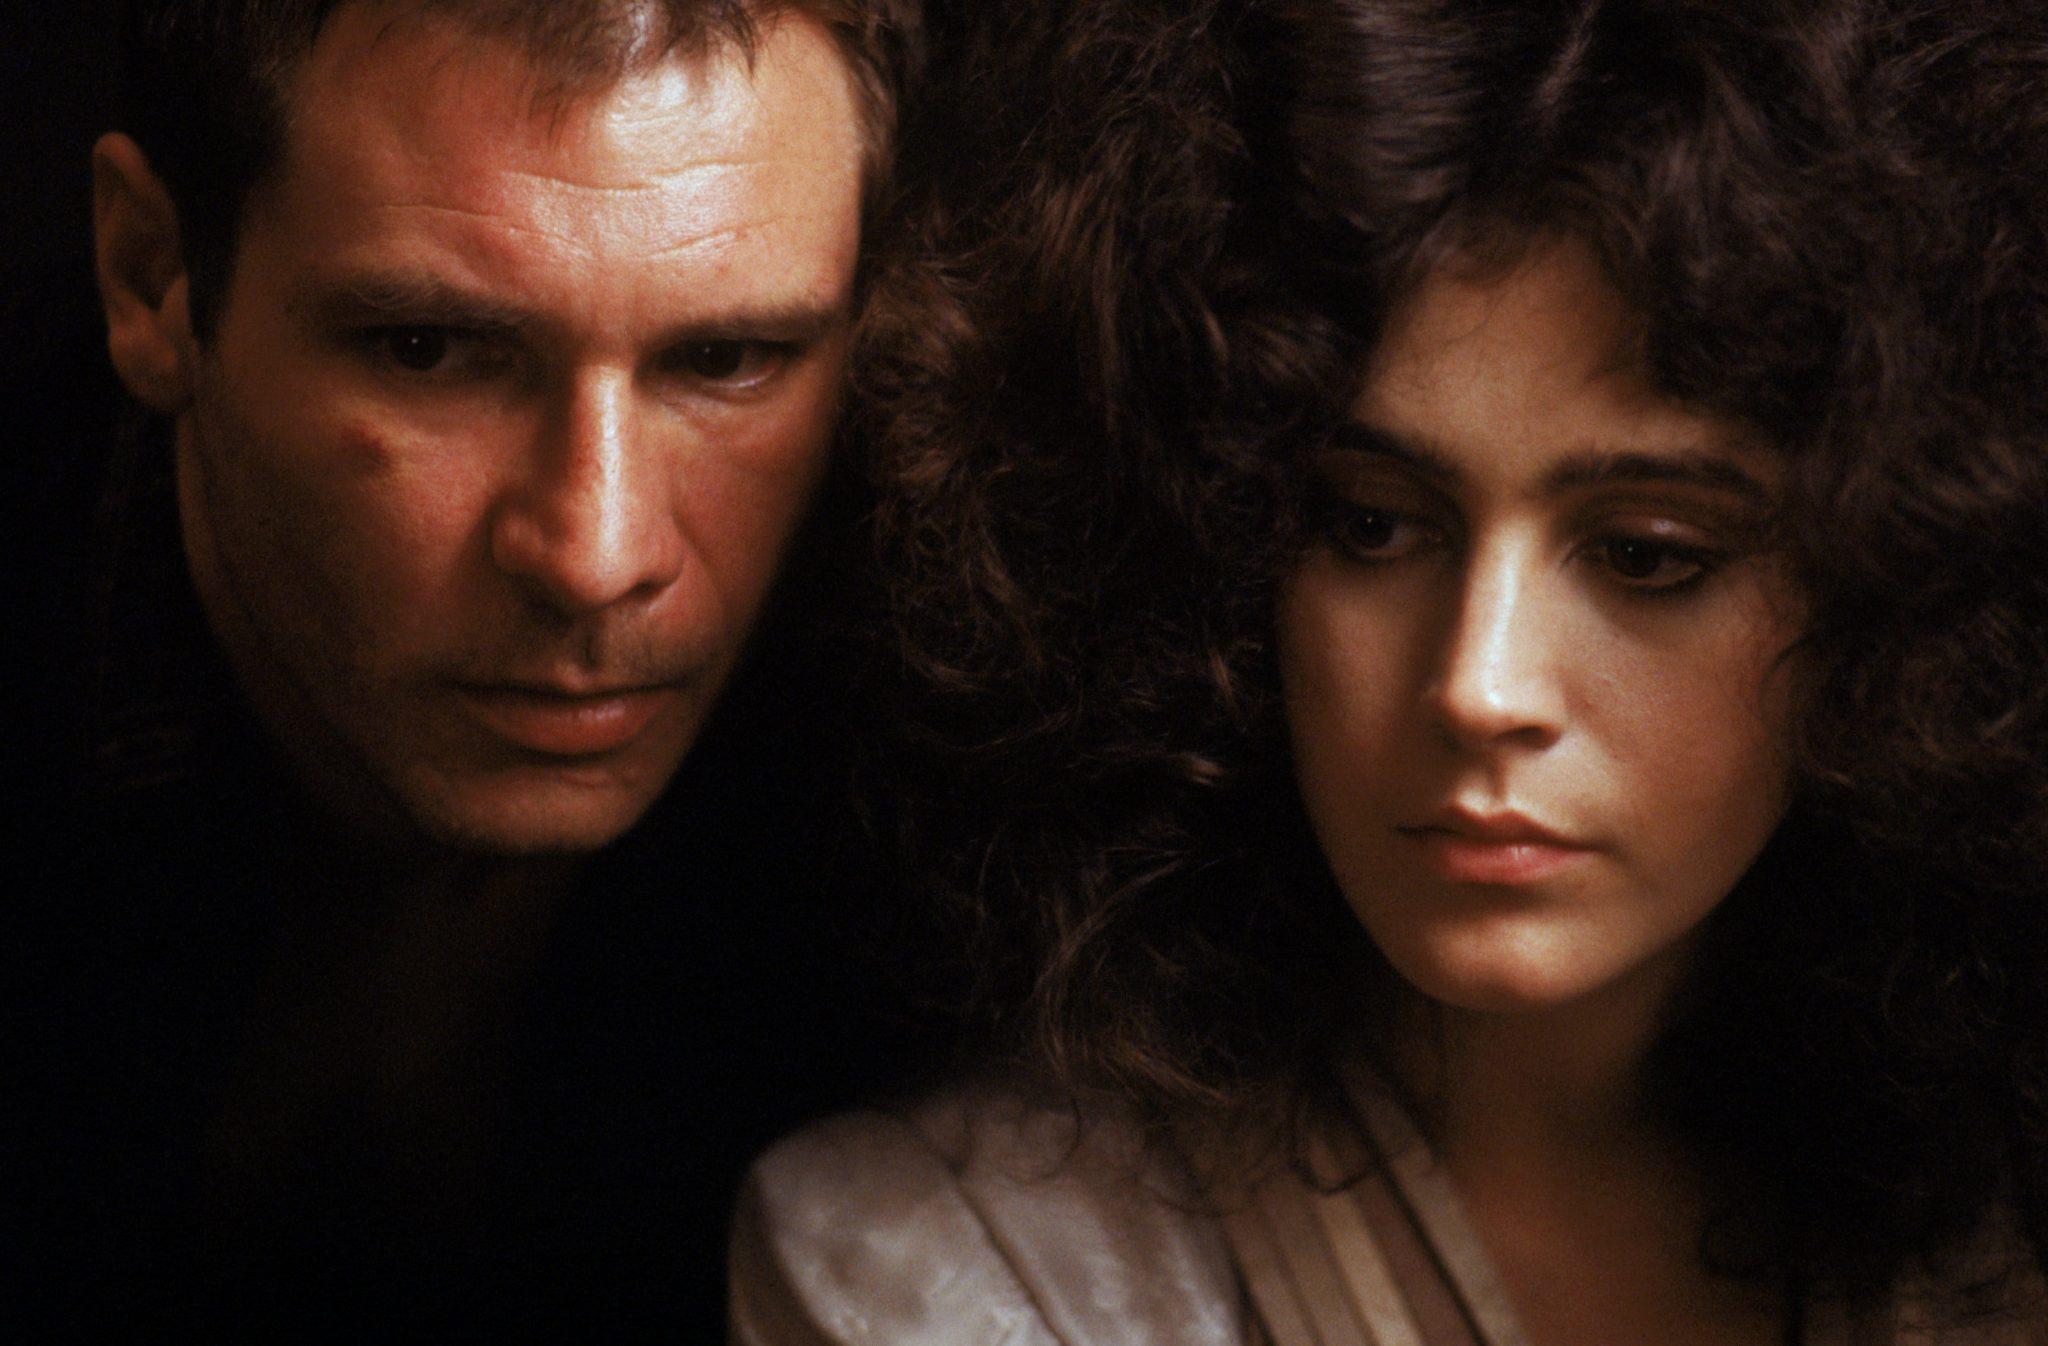 Blade Runner image 3